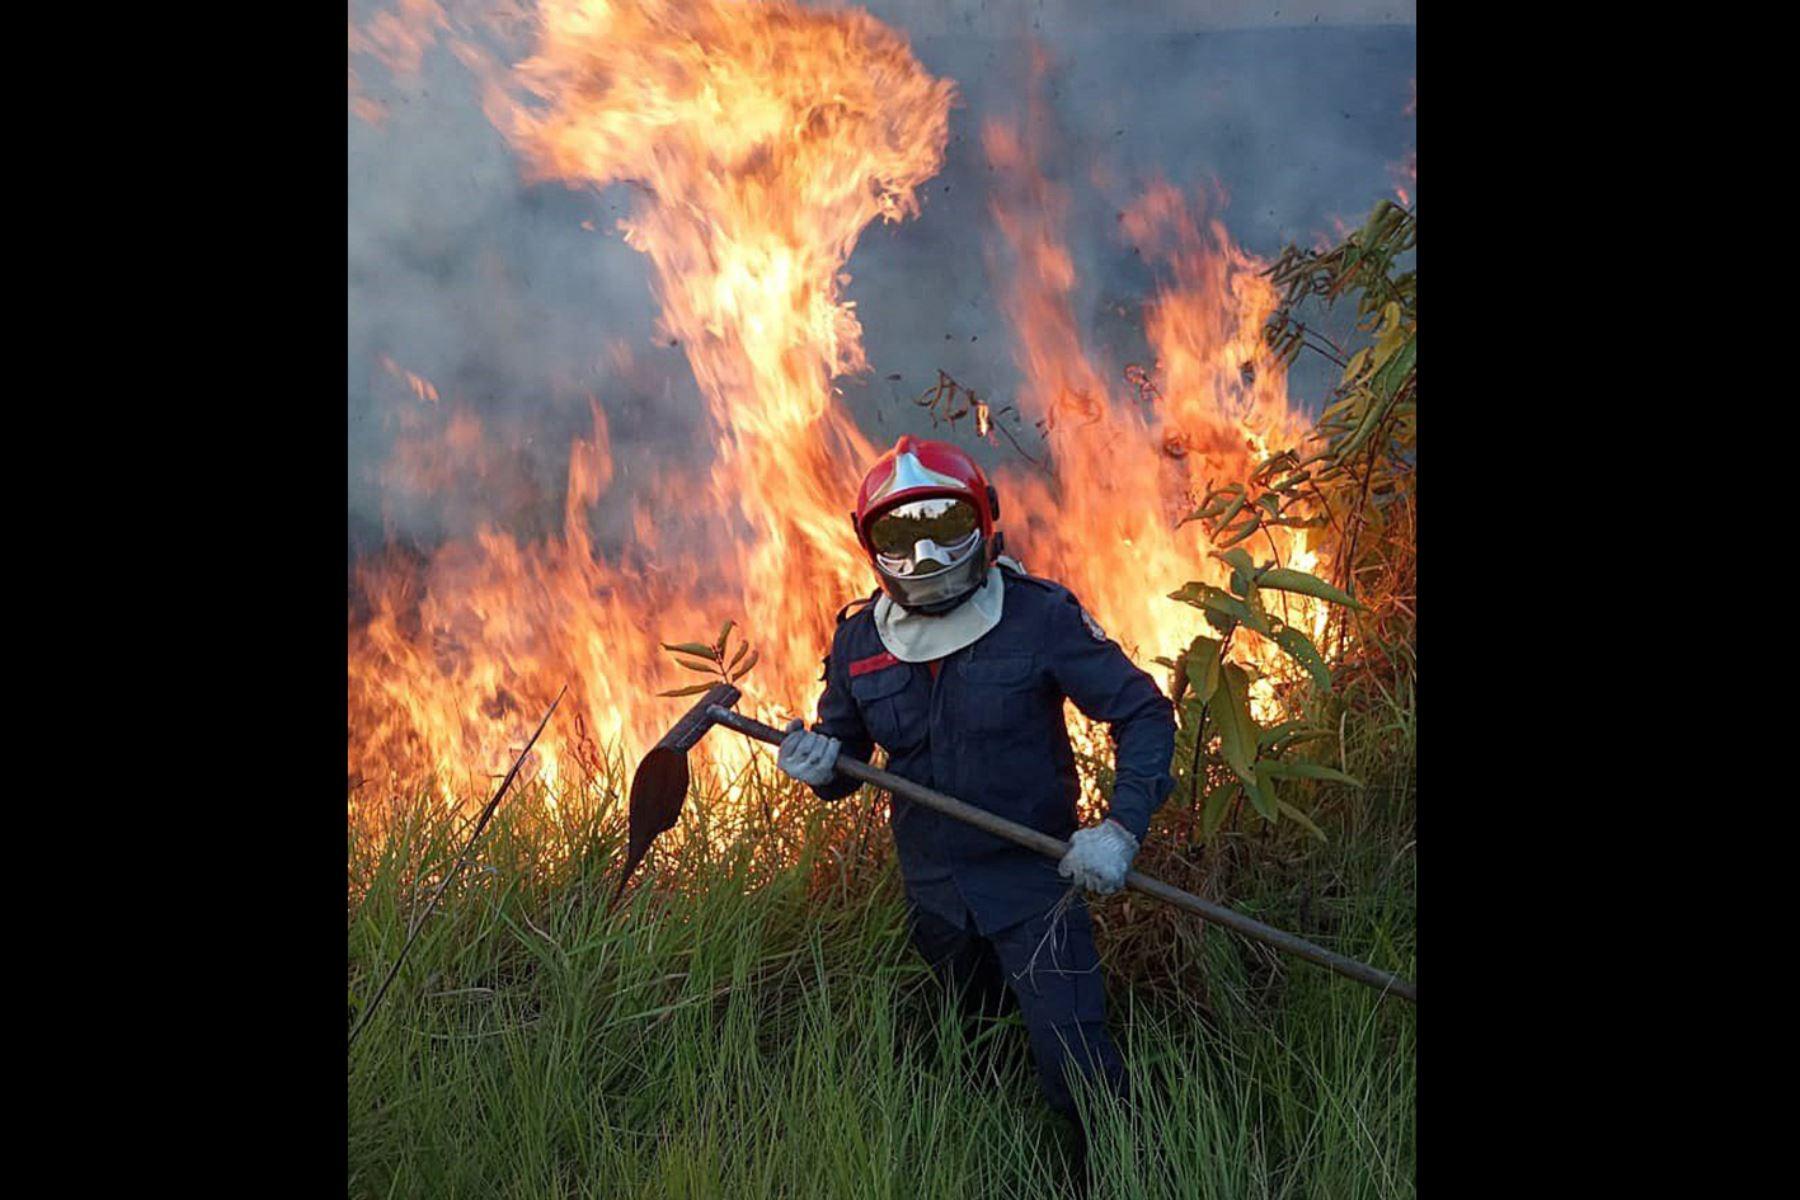 Fotografía del 17 de agosto de 2019 cedida por Bomberos de Río Blanco que muestra el combate contra el incendio en la ciudad de Rio Blanco, capital del estado amazónico Acre (Brasil). EFE